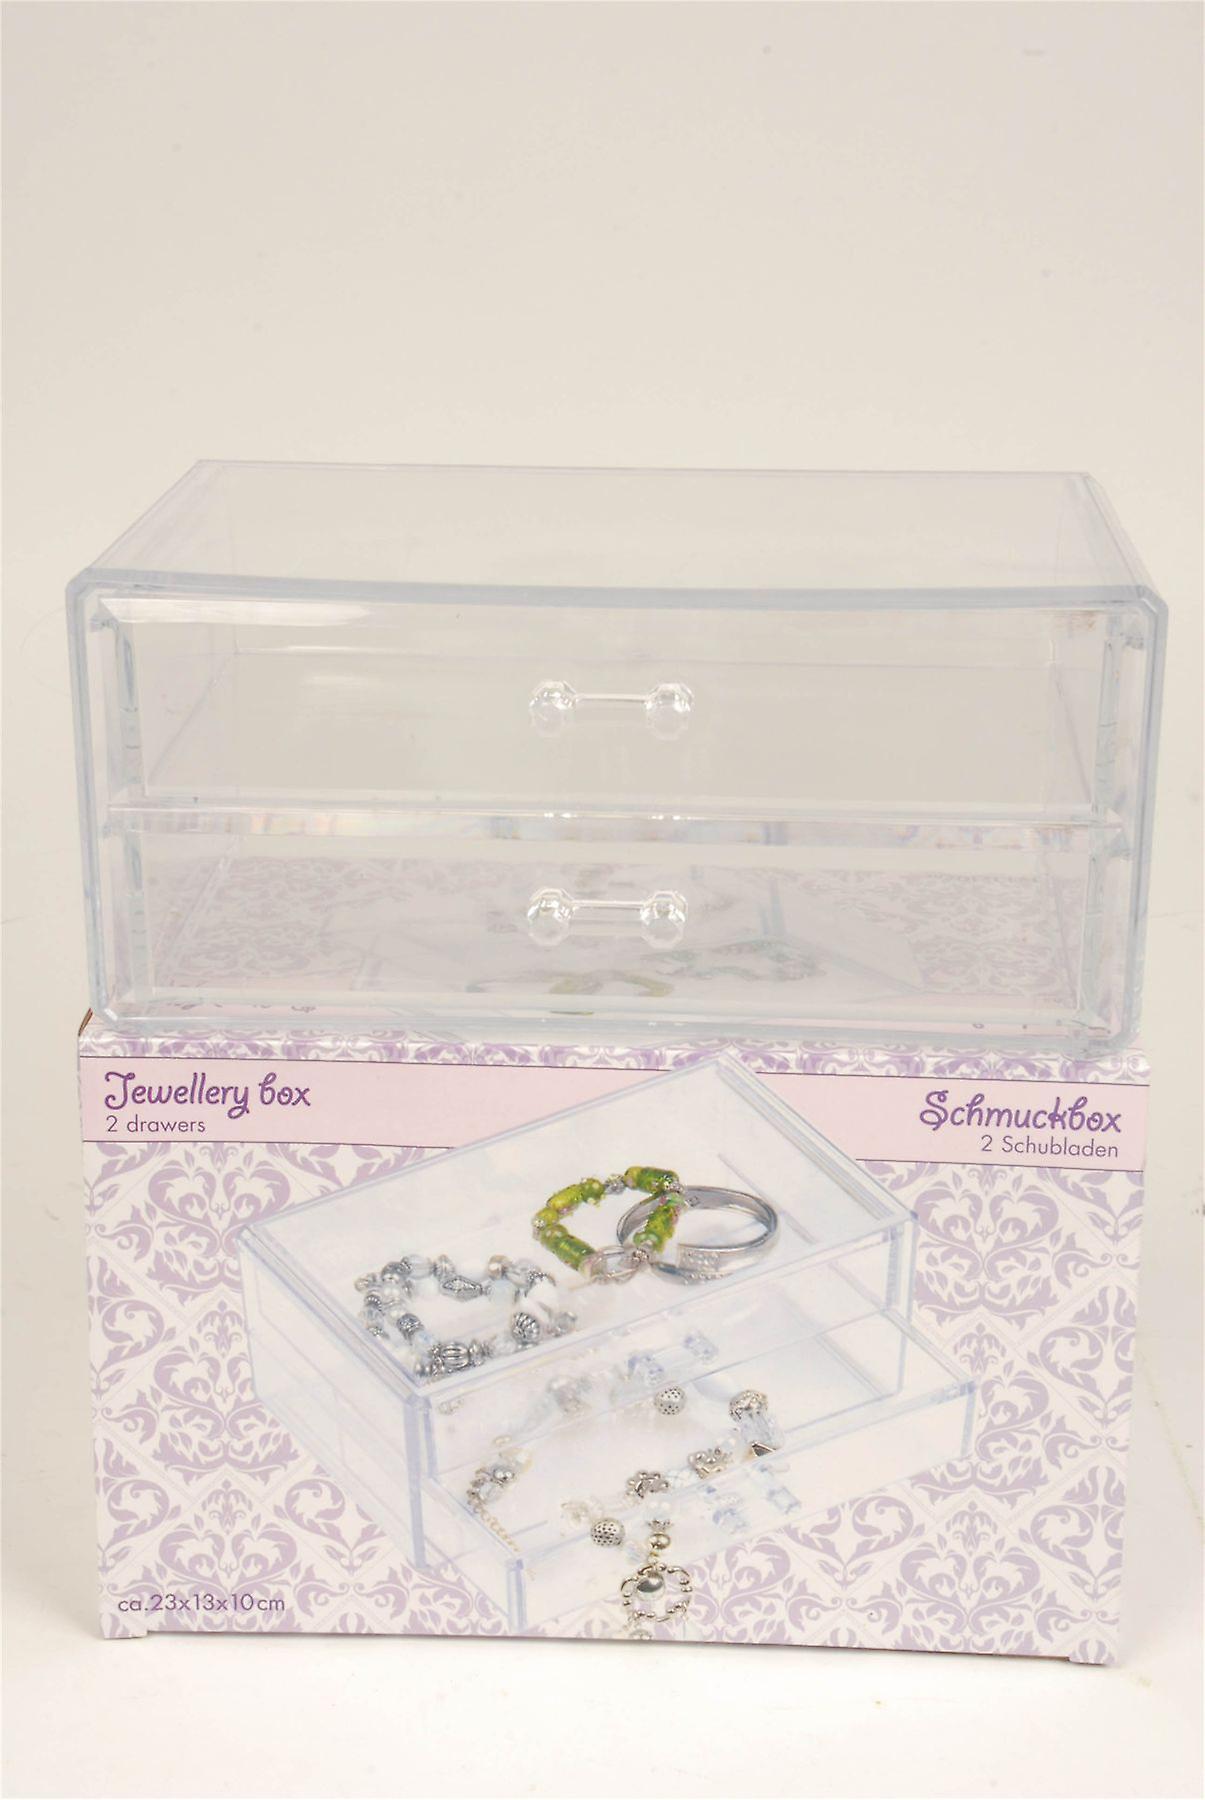 2 skuff smykker oppbevaringsboks laget av klar plast